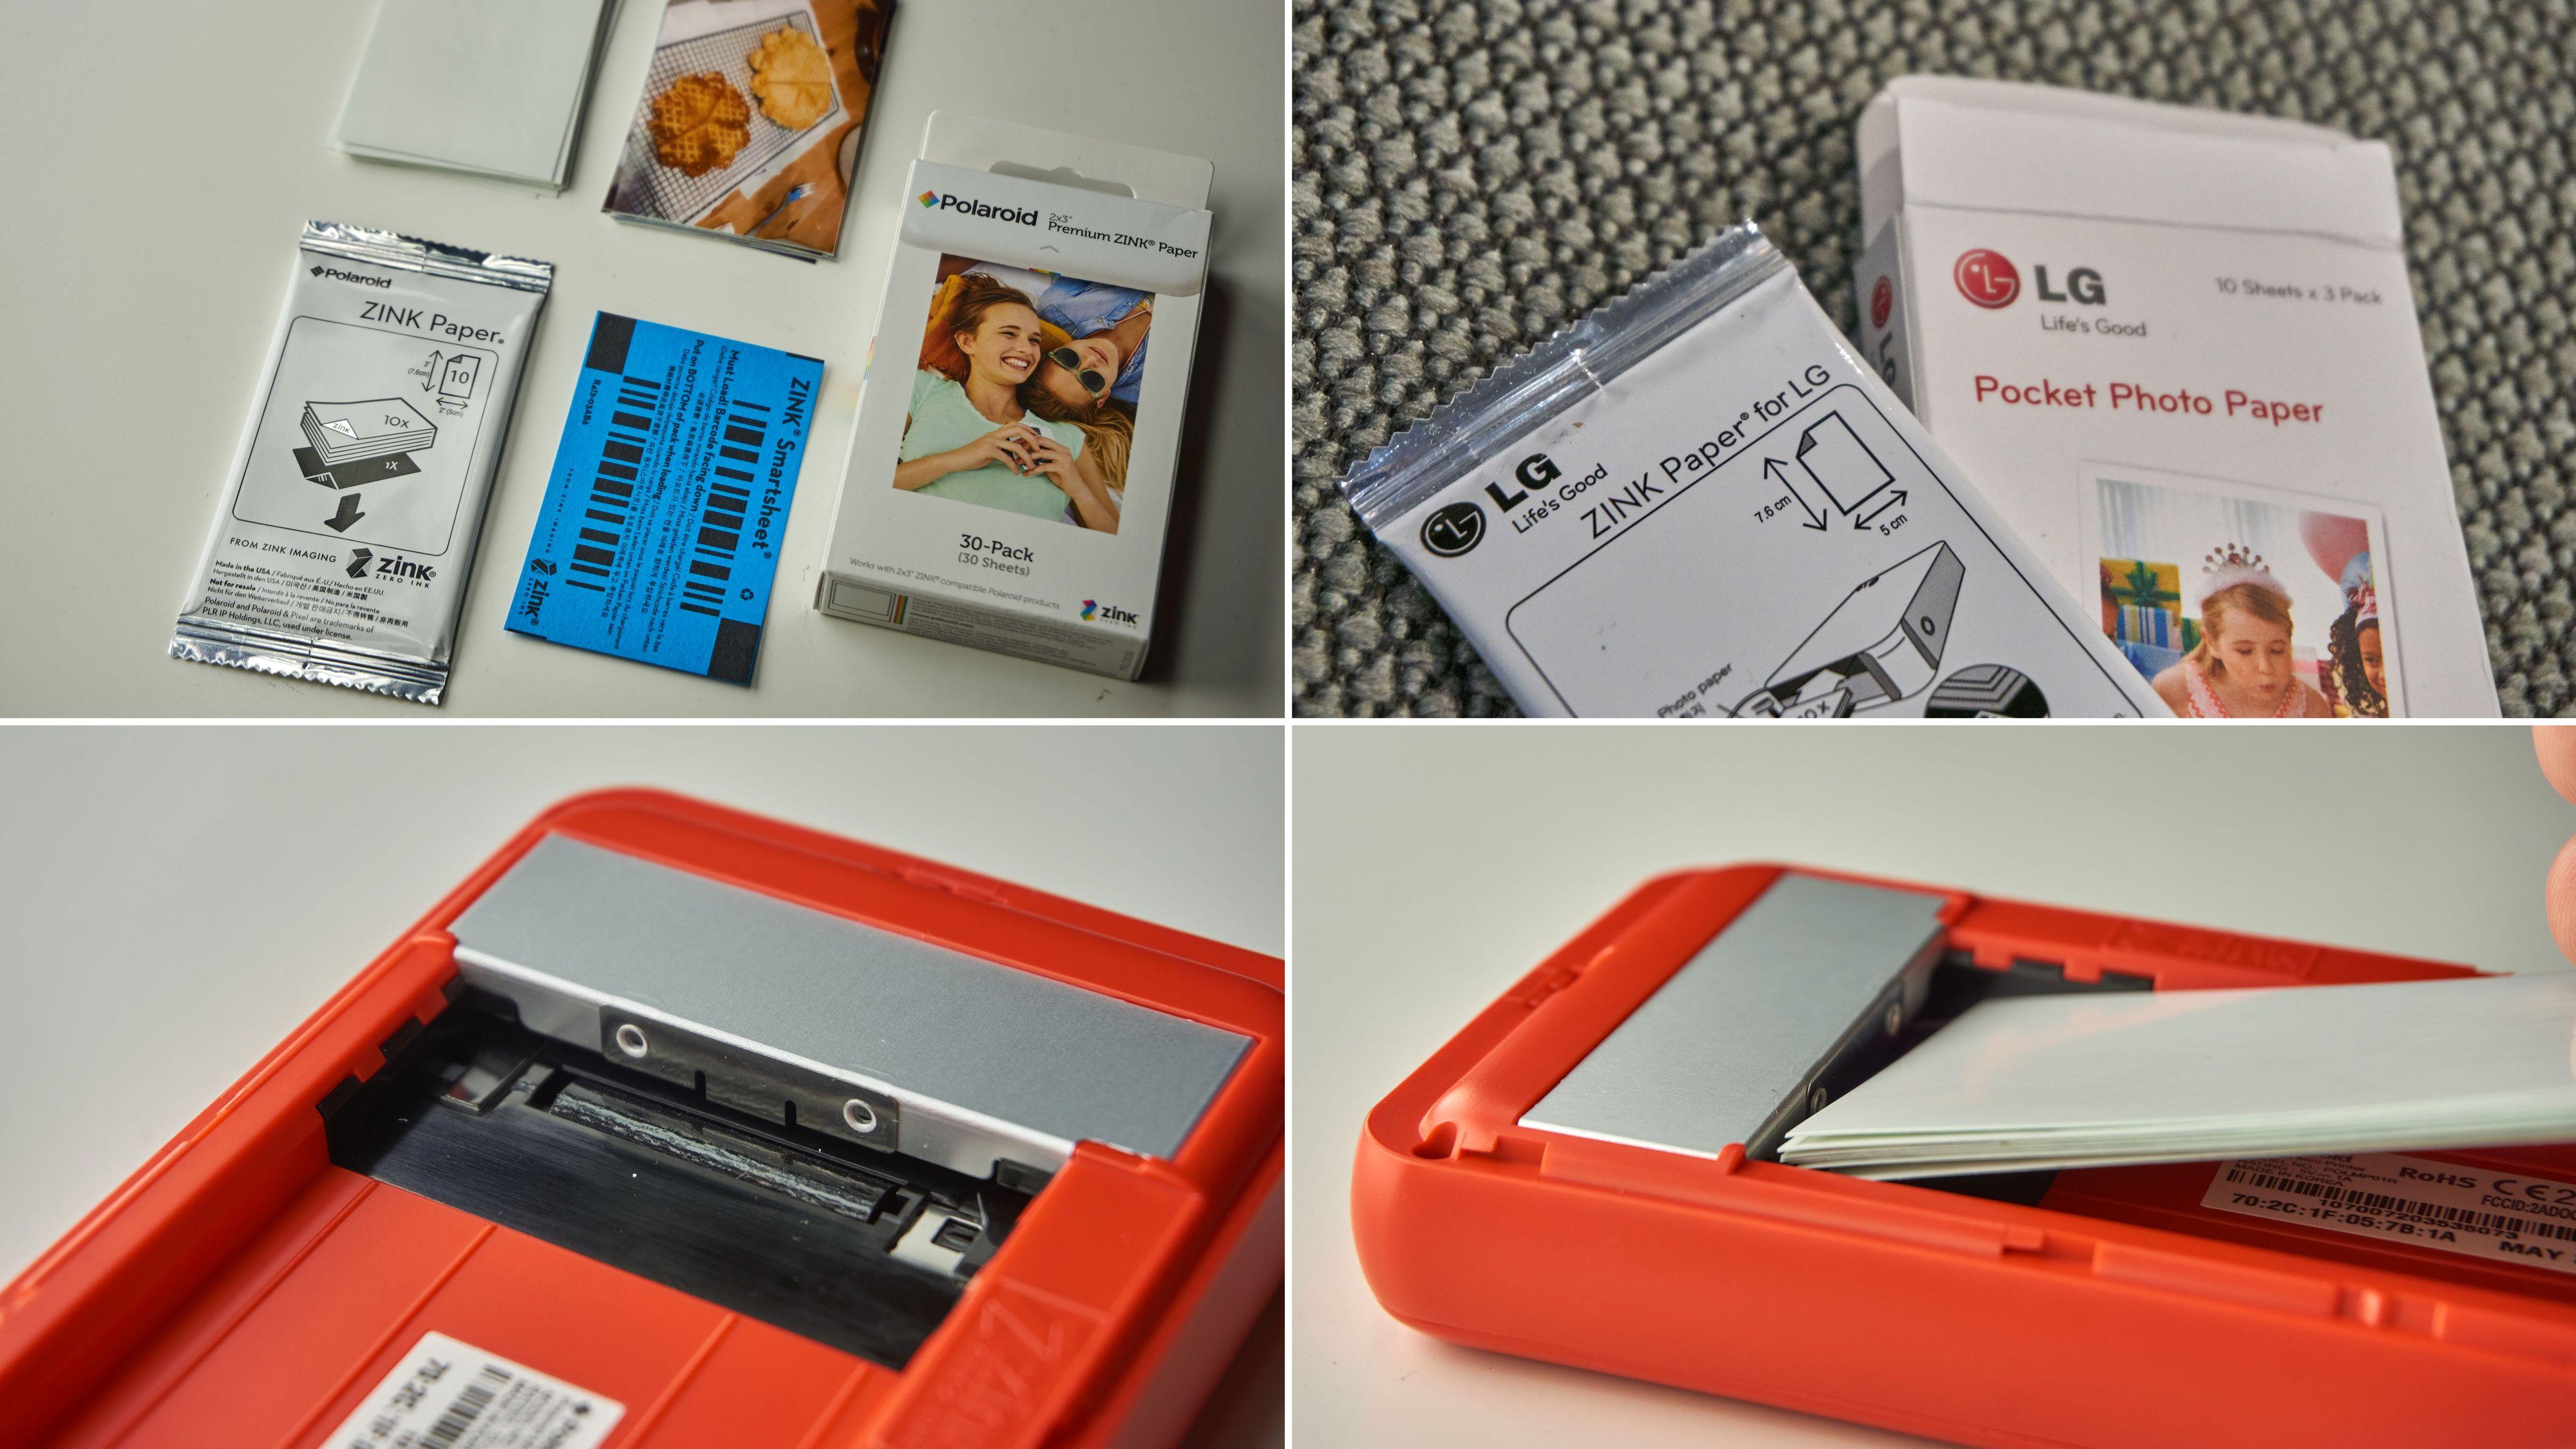 Det finnes en del forskjellige typer ZINK-papir, men Polaroid sitt eget er artigst.